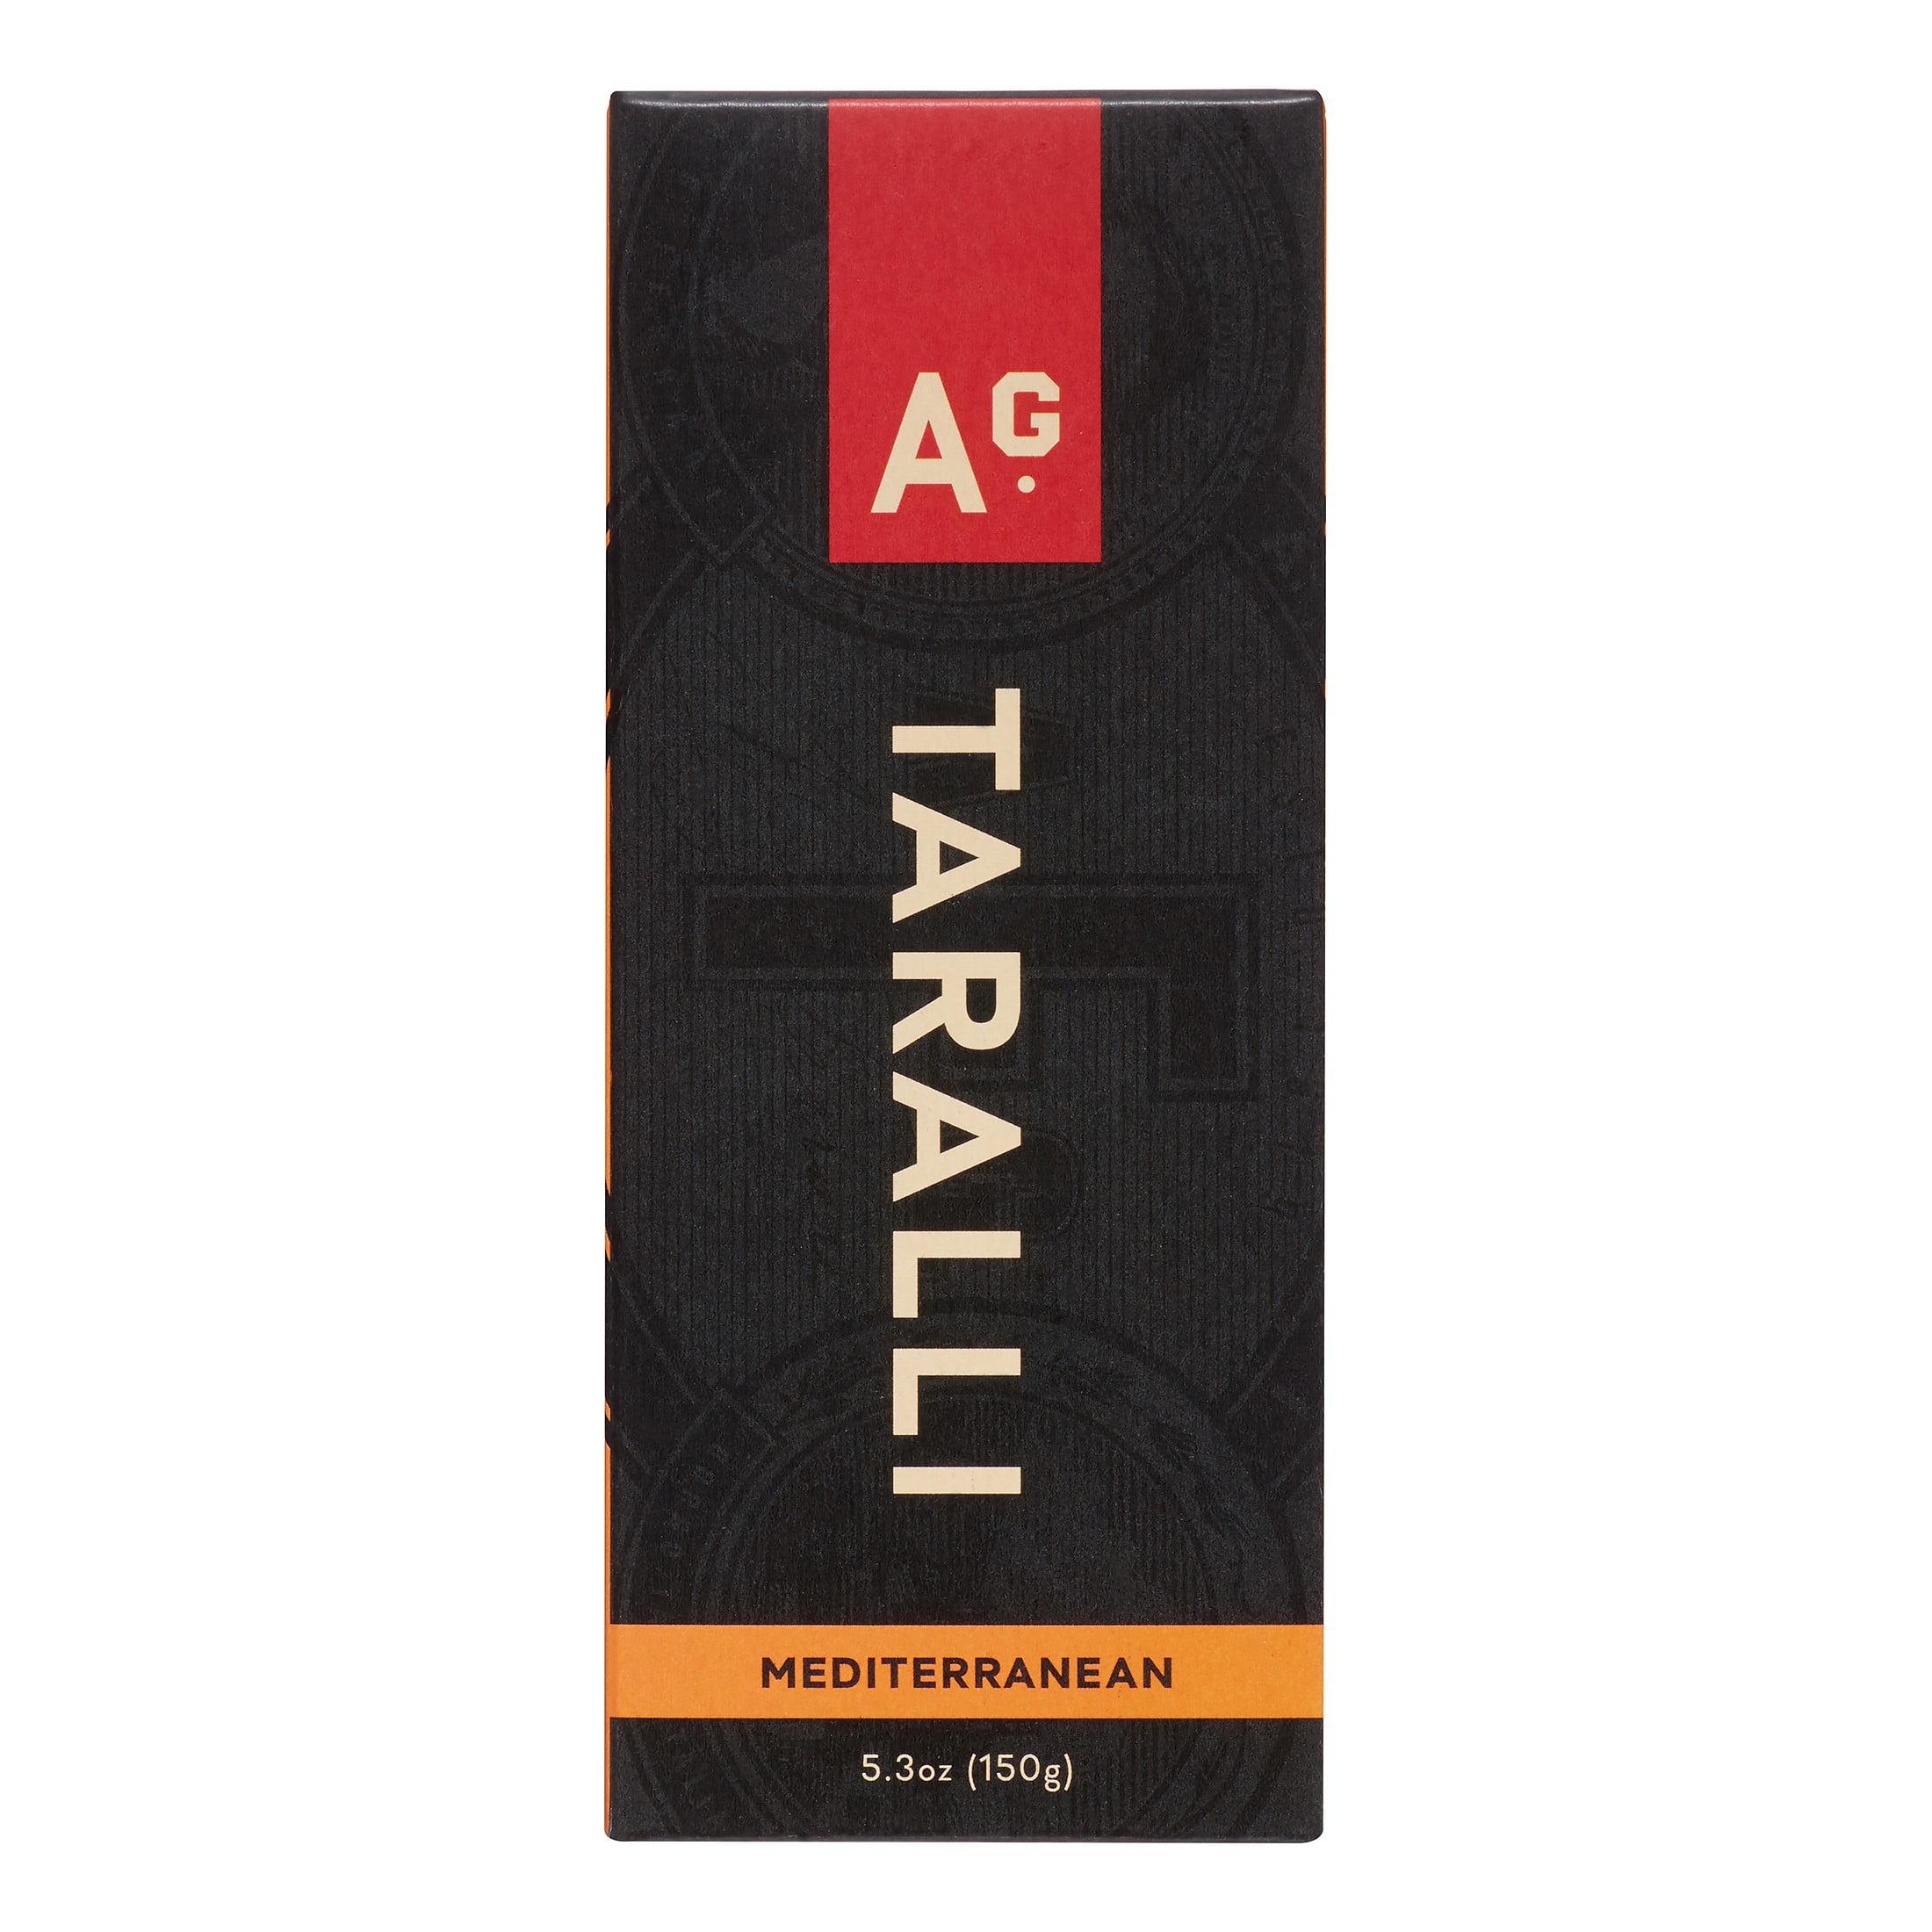 Image of A.G. Ferrari Taralli Crackers, Mediterranean, 5.3 Oz